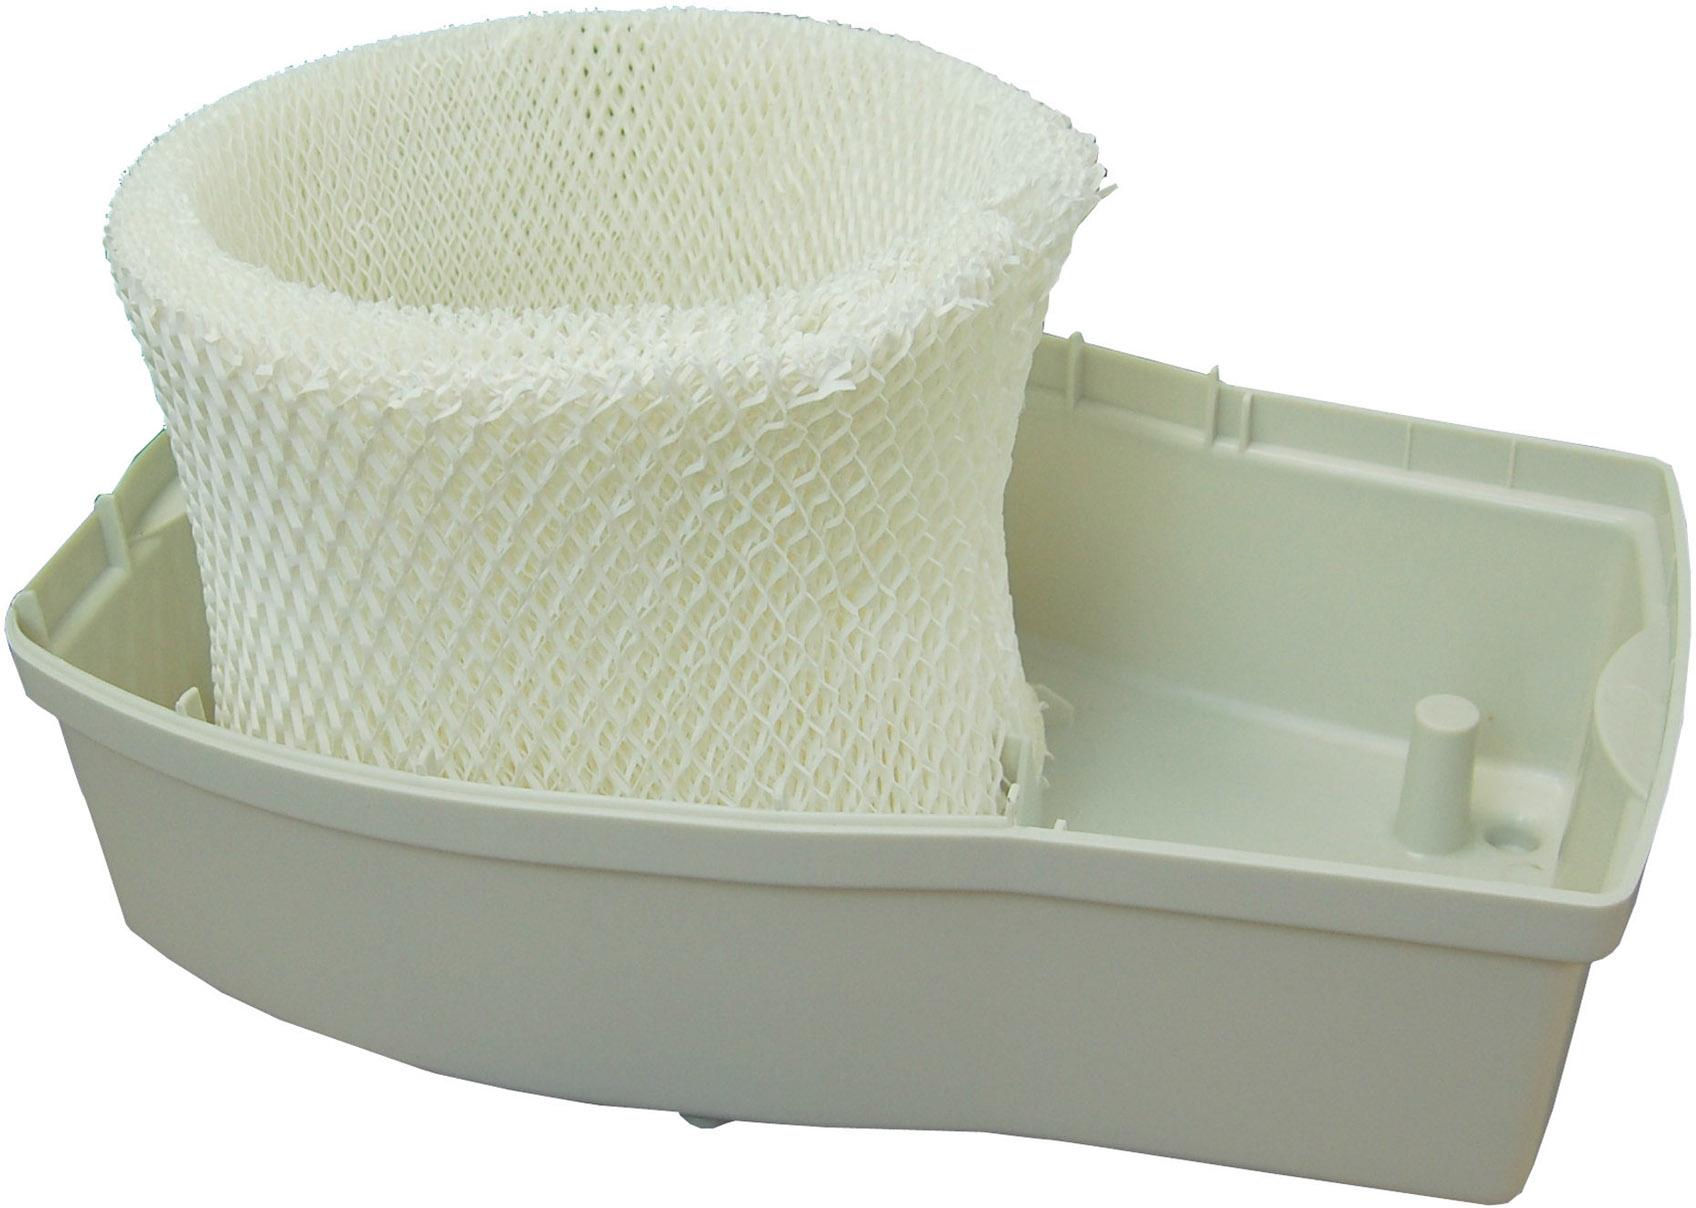 Kenmore 8-Gallon Evaporative Humidifier